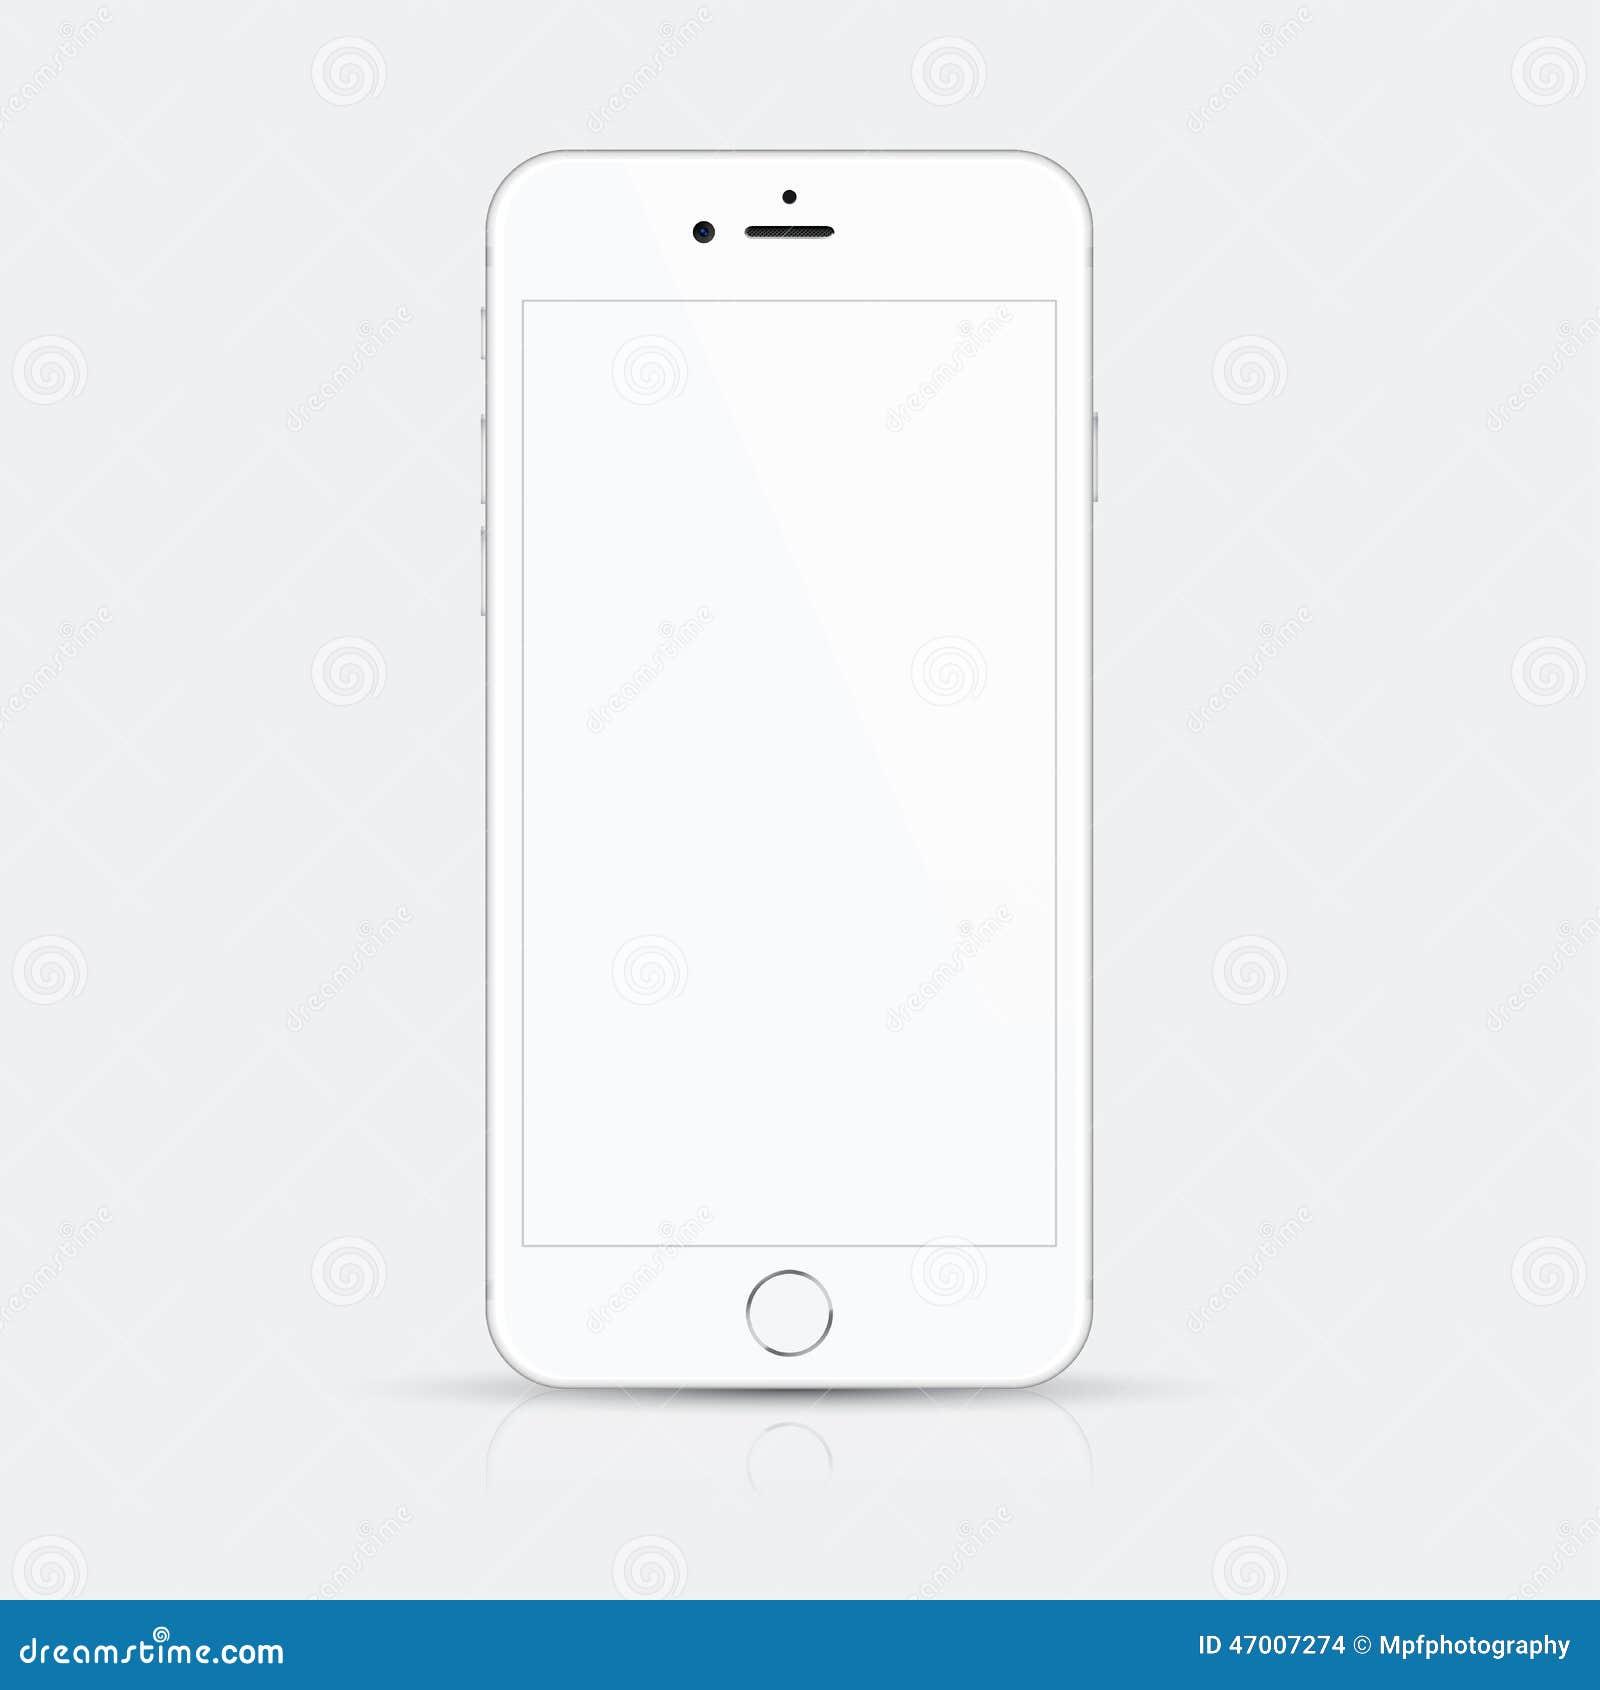 Ilustração branca do vetor do smartphone com detalhes de alta qualidade